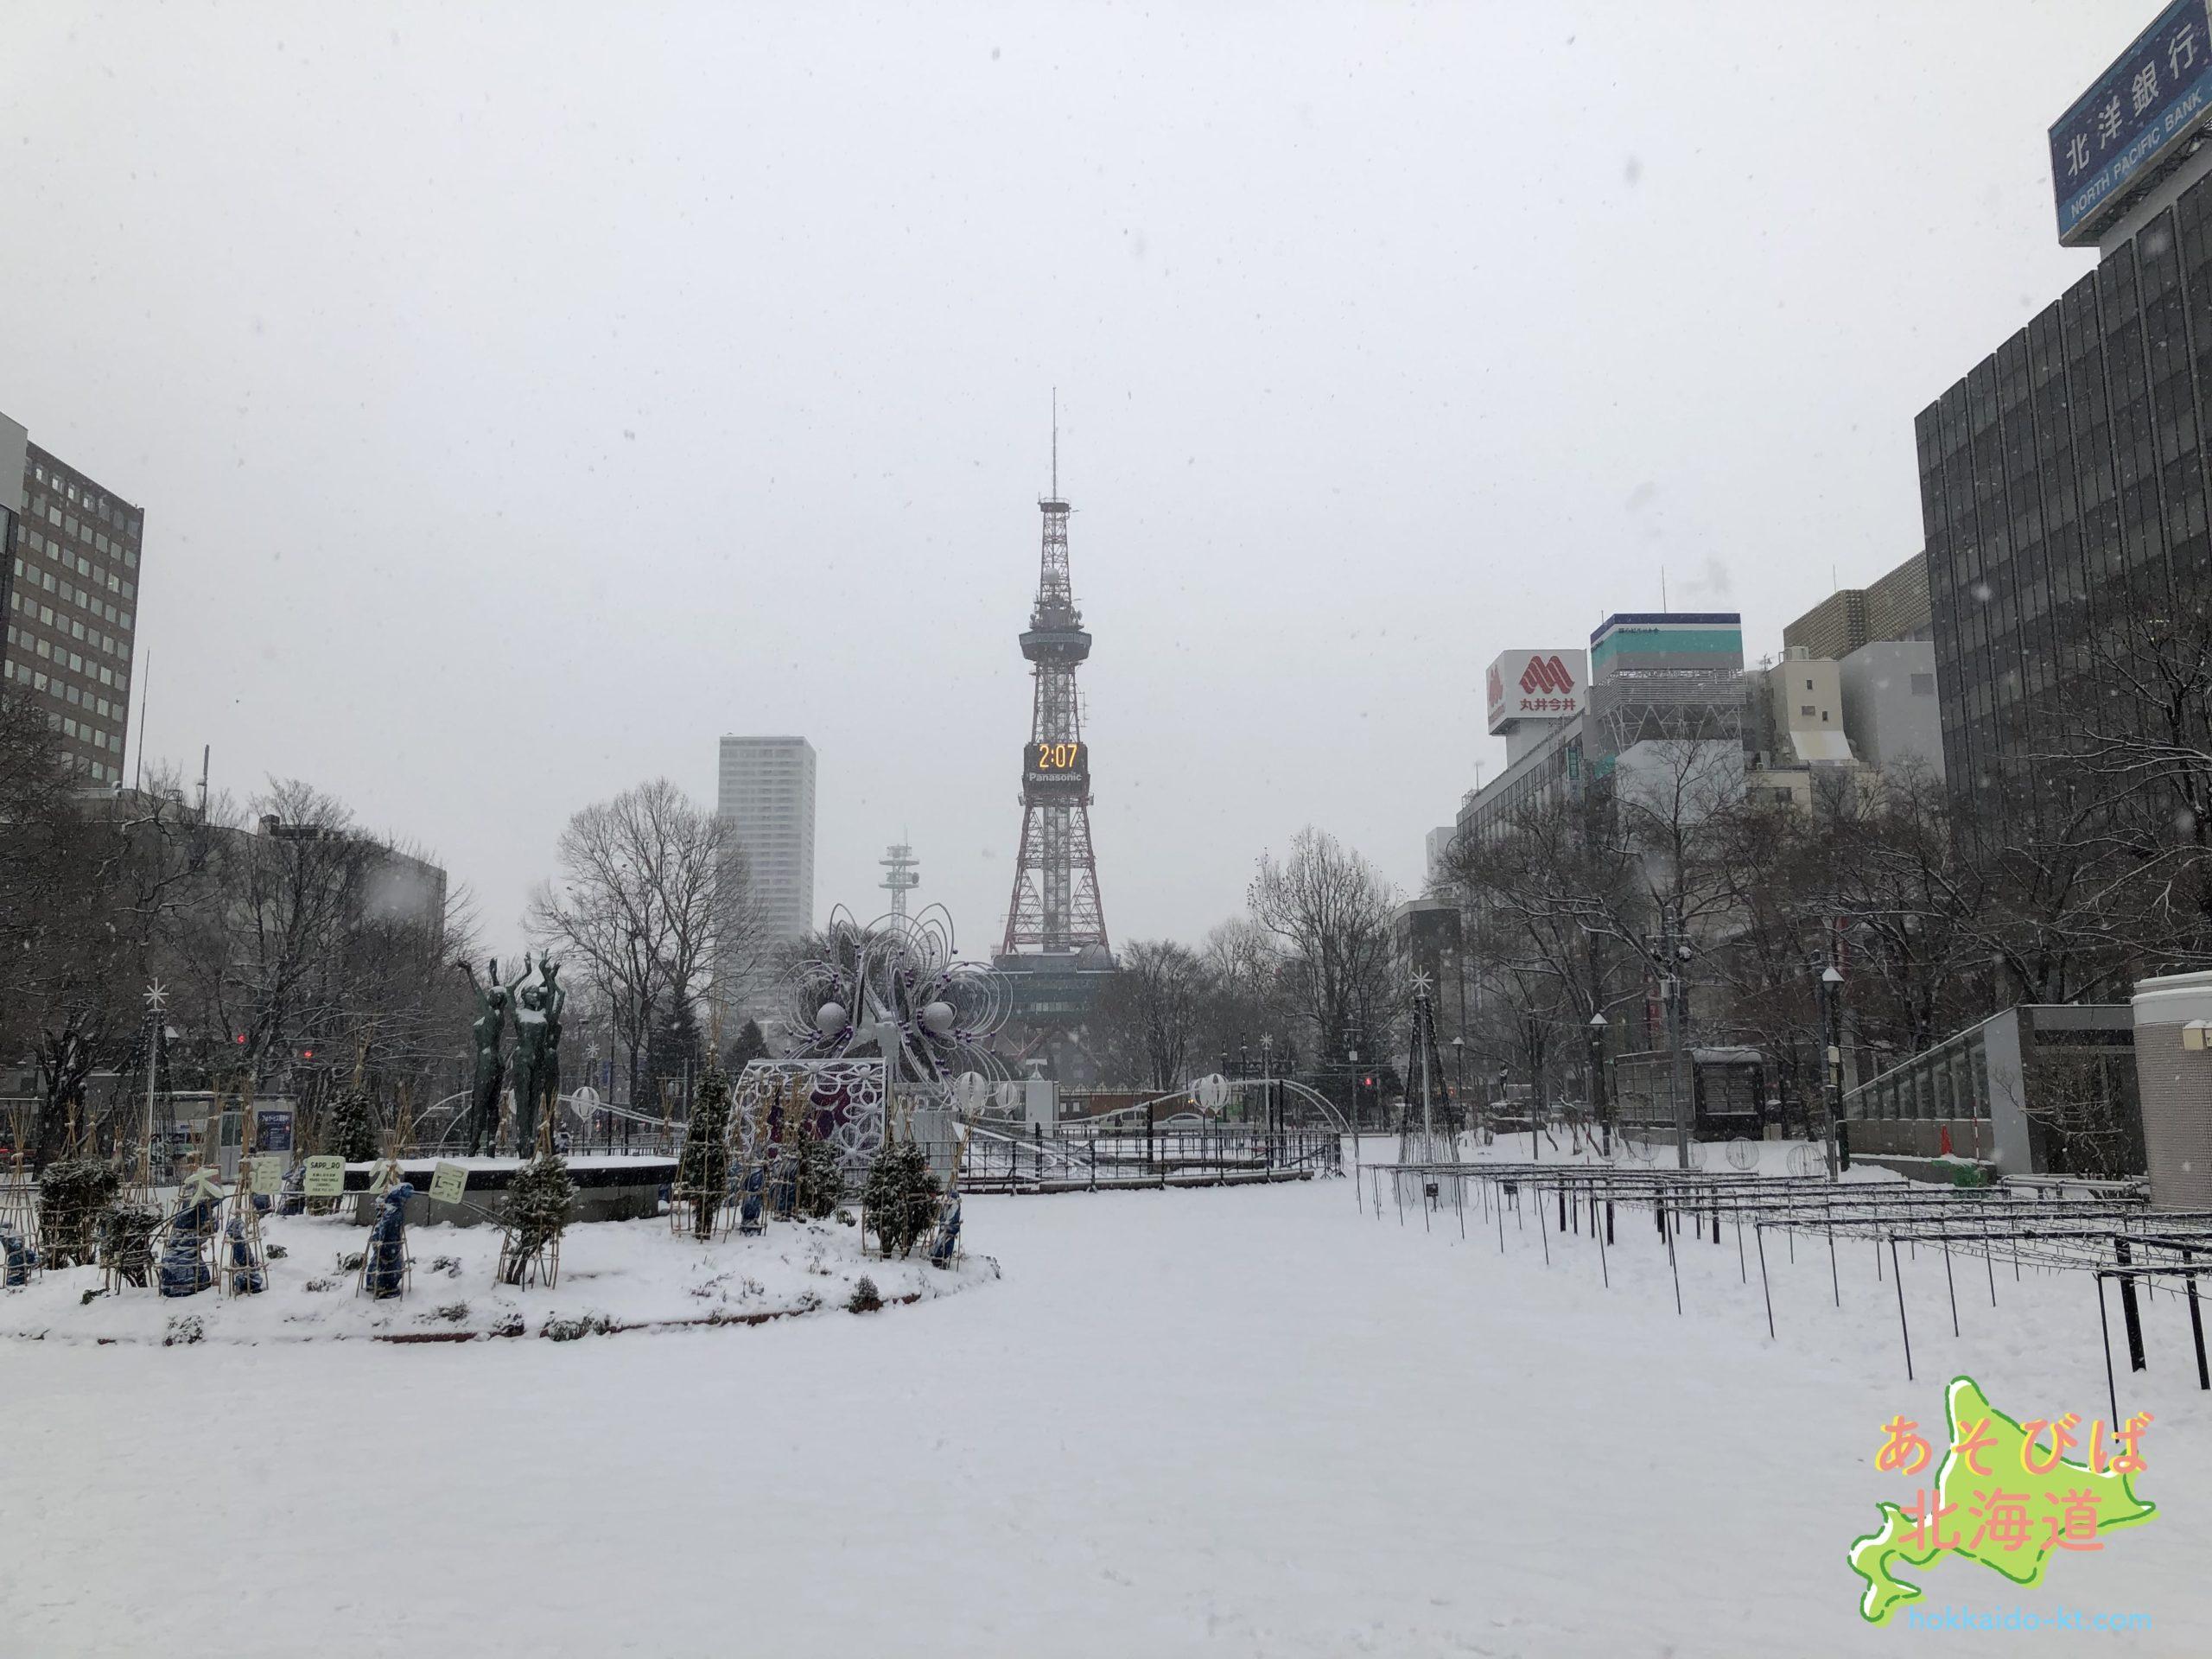 12月中旬の札幌大通り公園